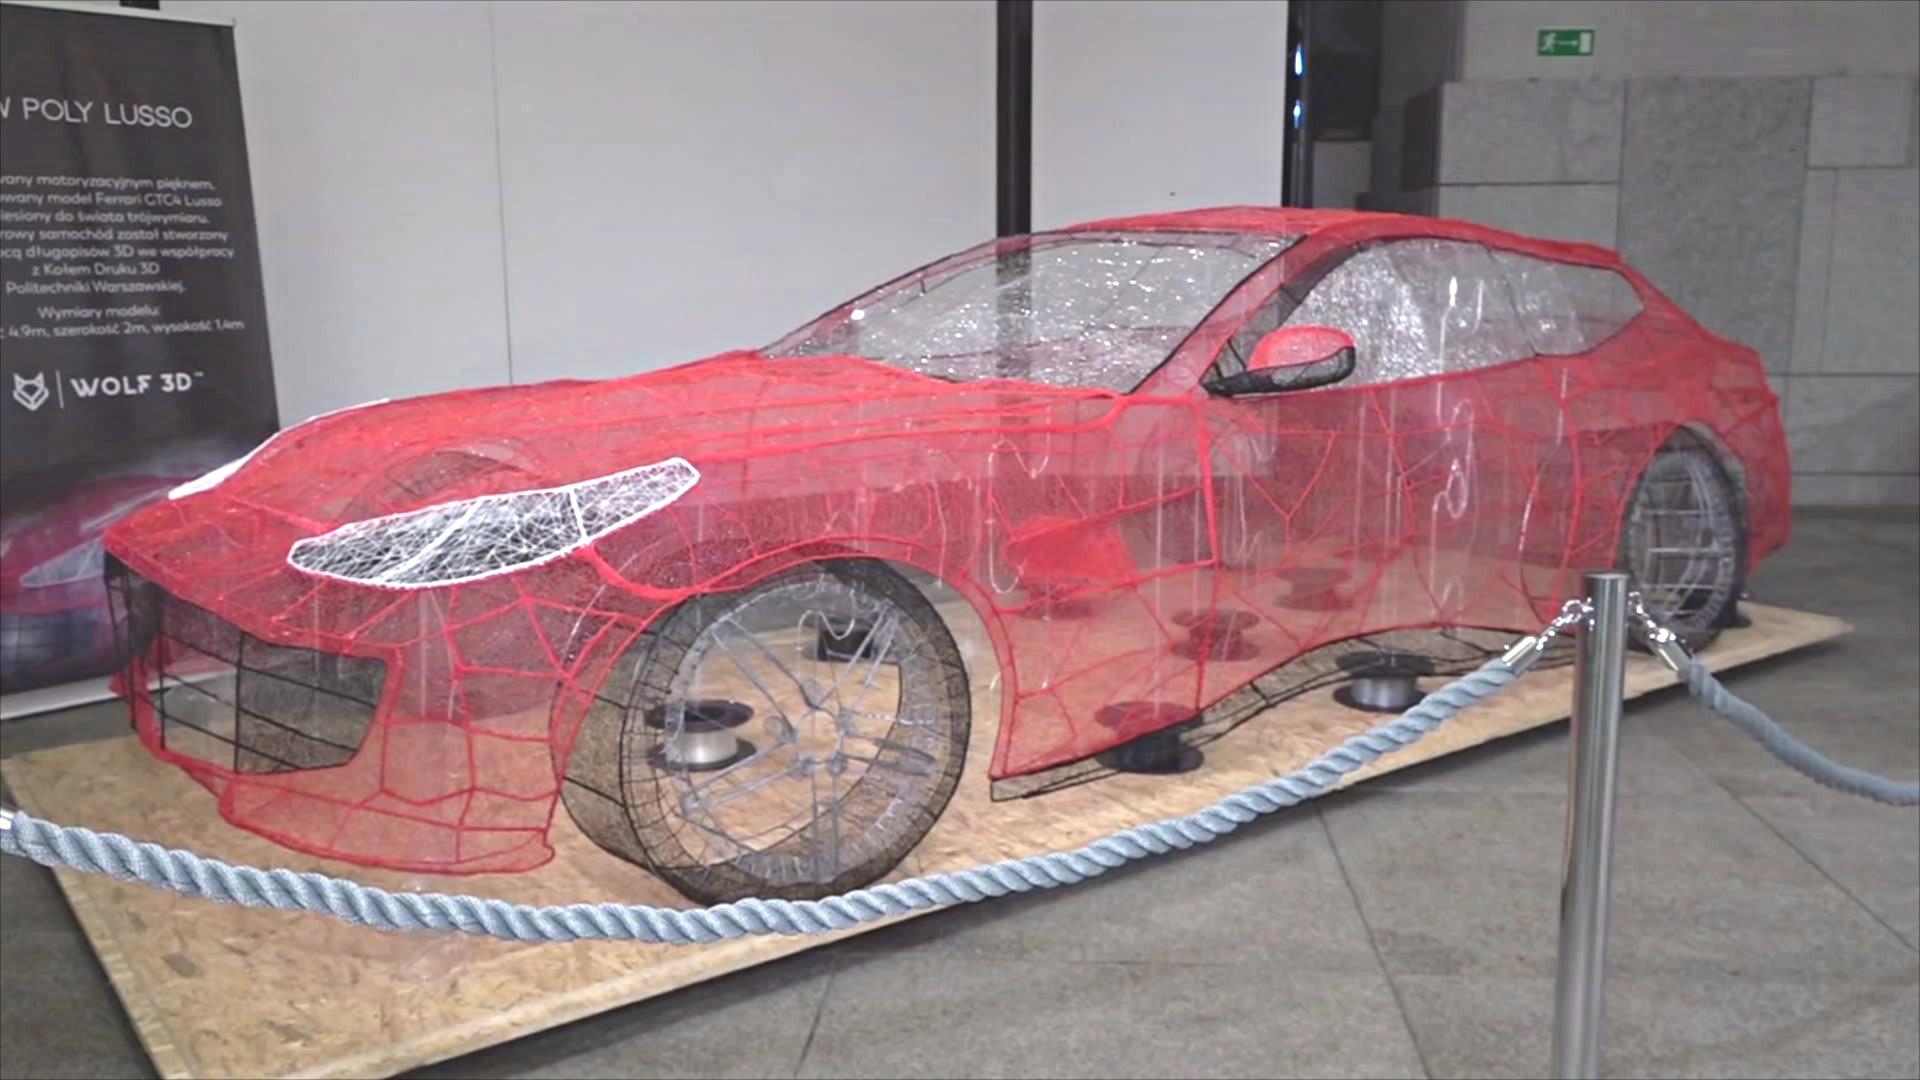 Ажурную модель Ferrari показали на форуме 3D-дизайнеров в Польше